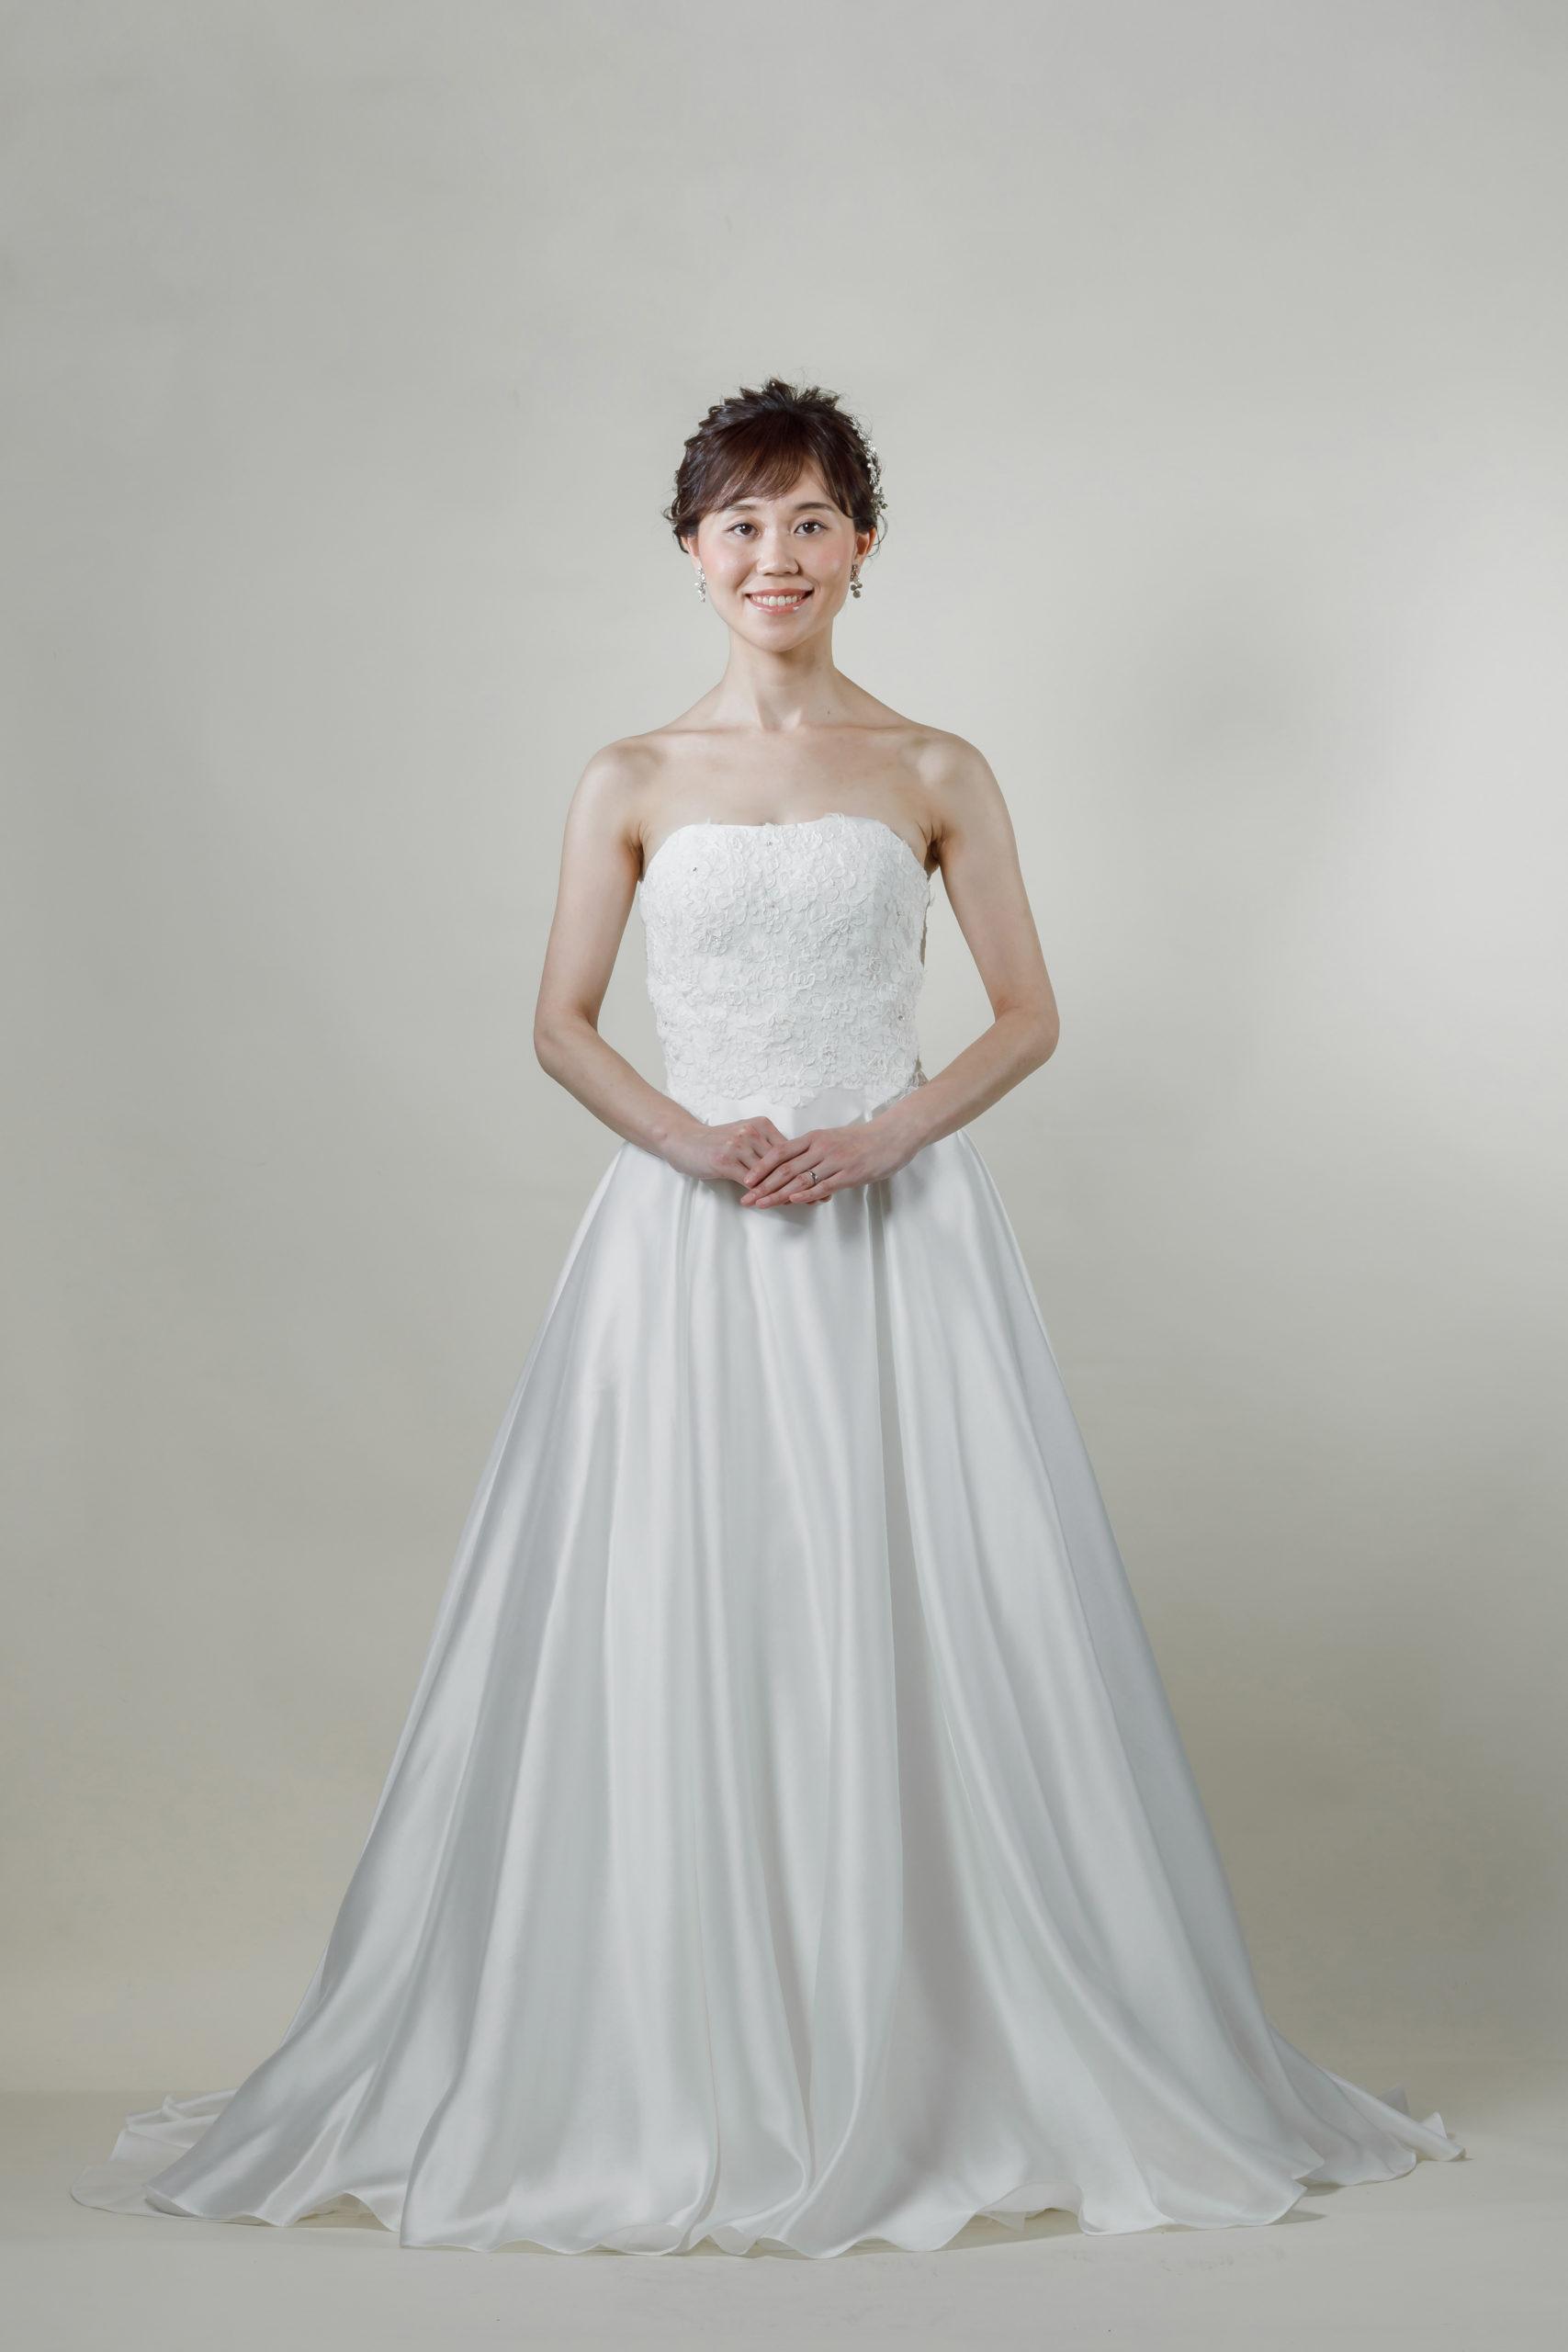 洋装 ウェディング ドレス 前撮り 正面向き画像 CR-1431-B ラグジュアリーコレクション